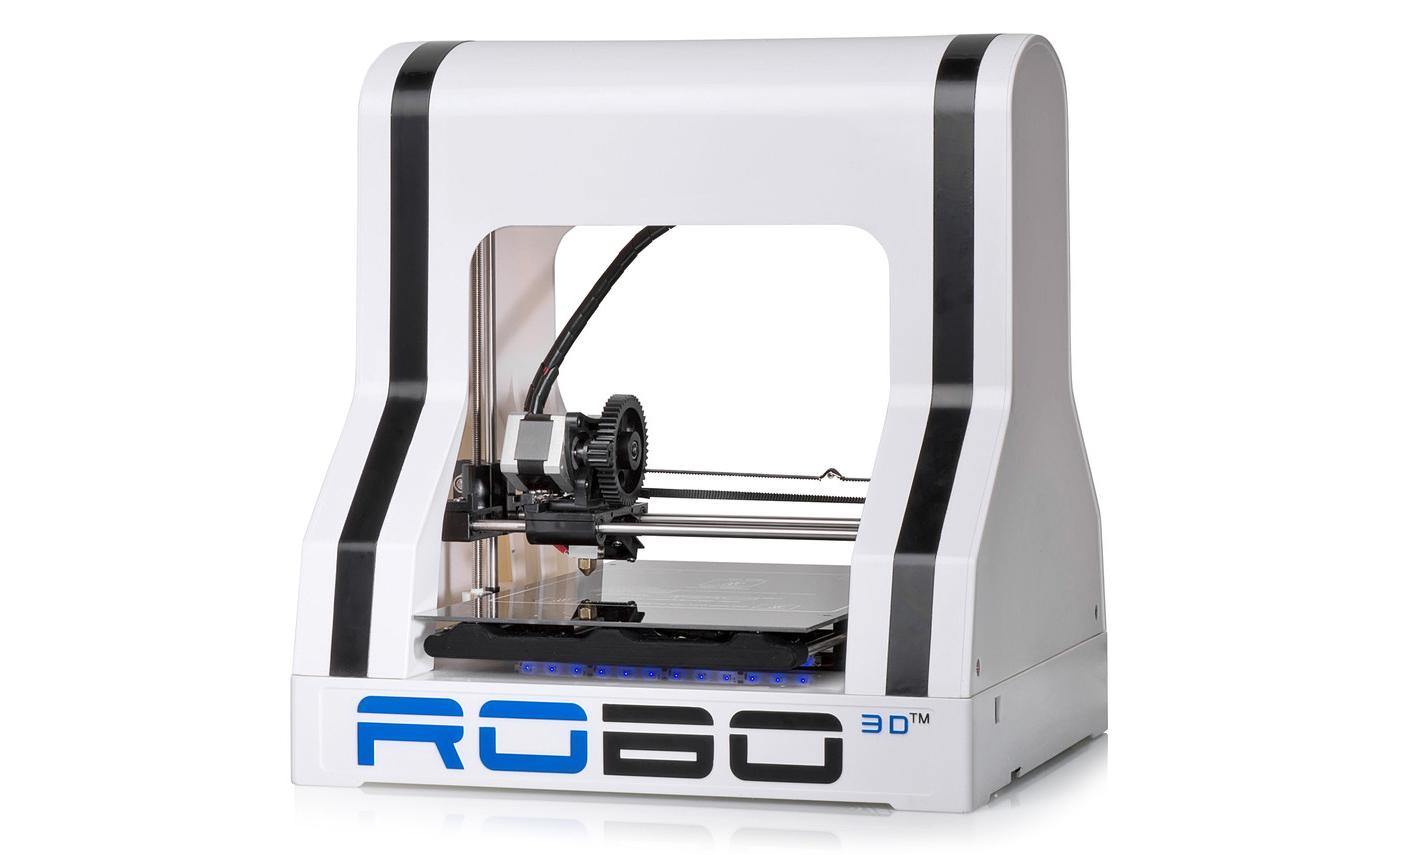 Robo3D R1 3d printer